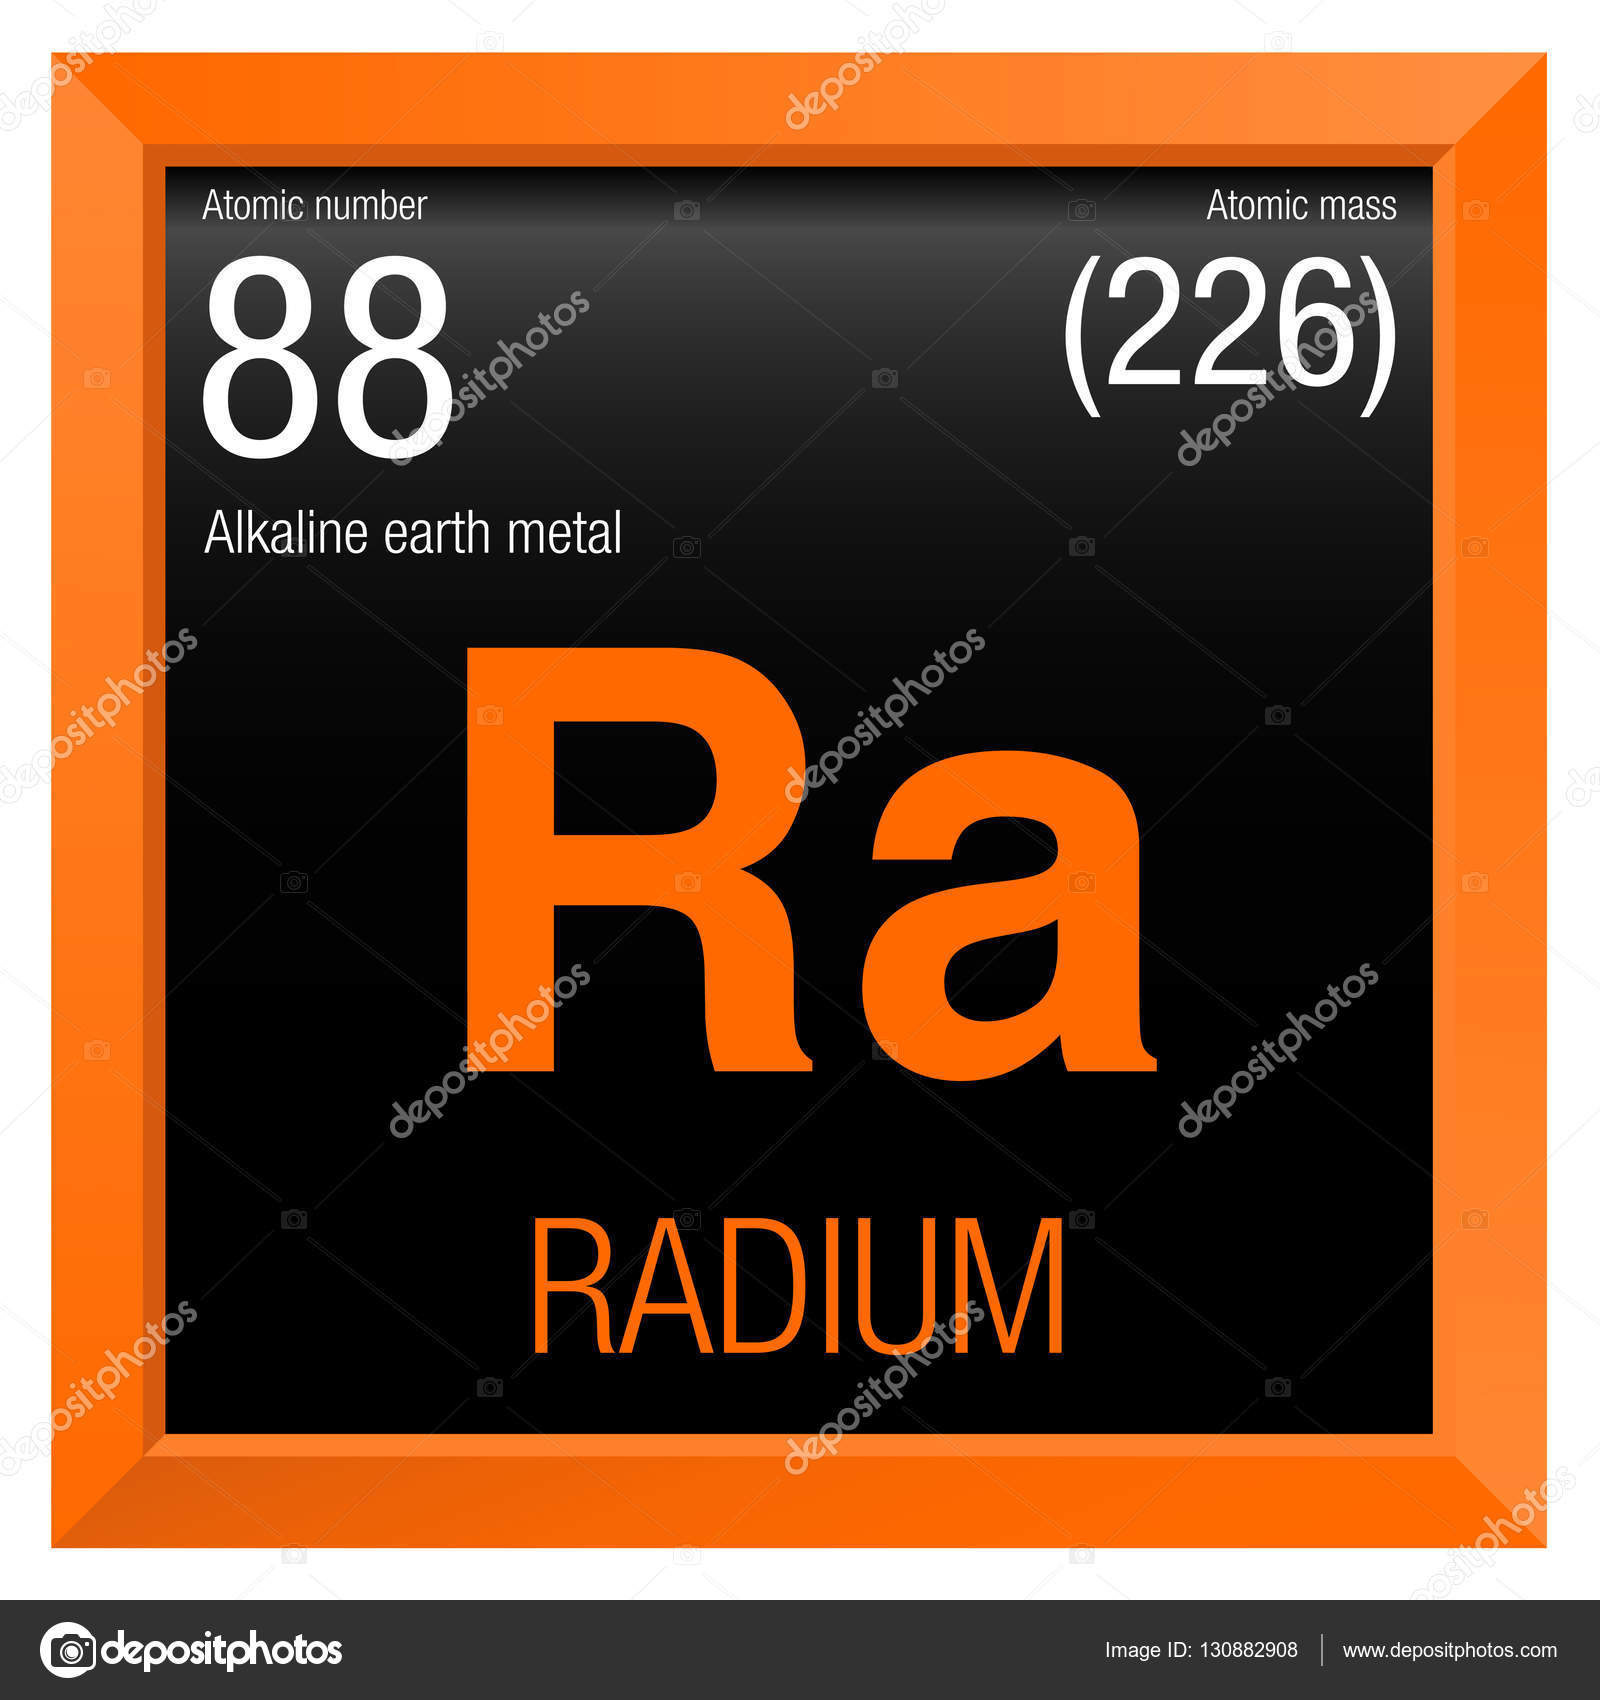 Smbolo de radio elemento nmero 88 de la tabla peridica de los smbolo de radio elemento nmero 88 de la tabla peridica de los elementos qumica urtaz Images